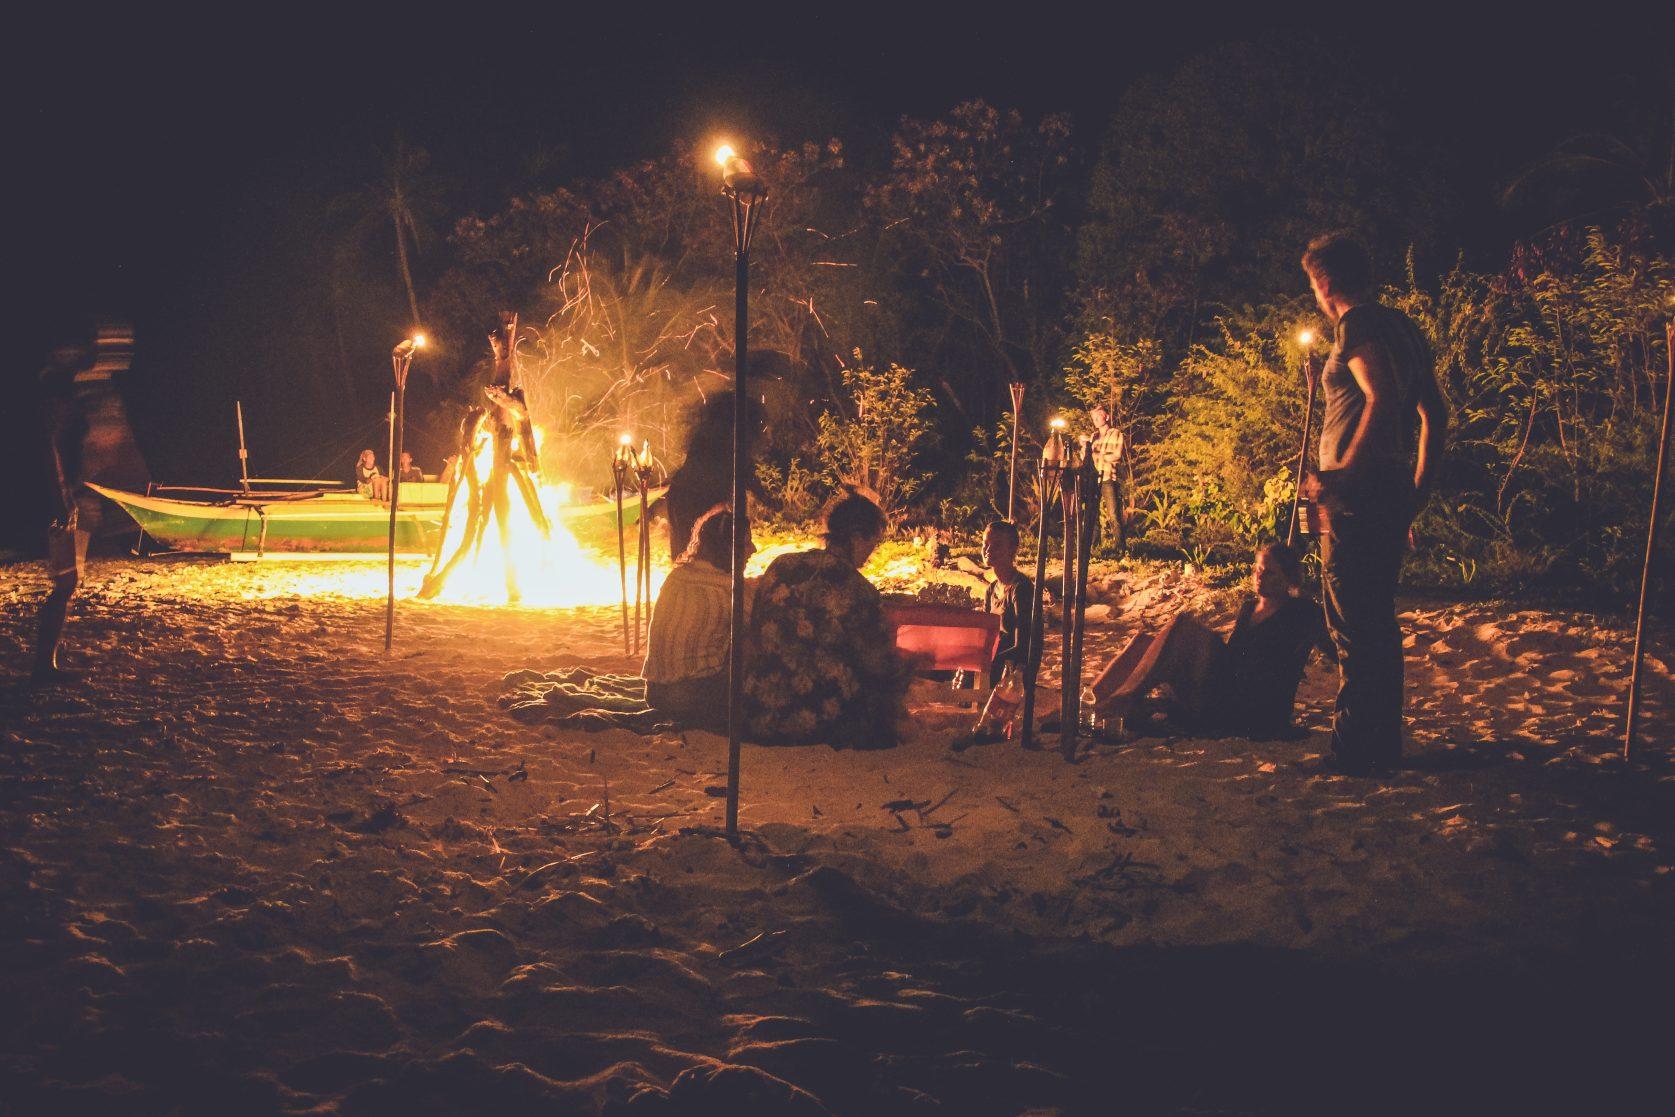 Buhay isla camping